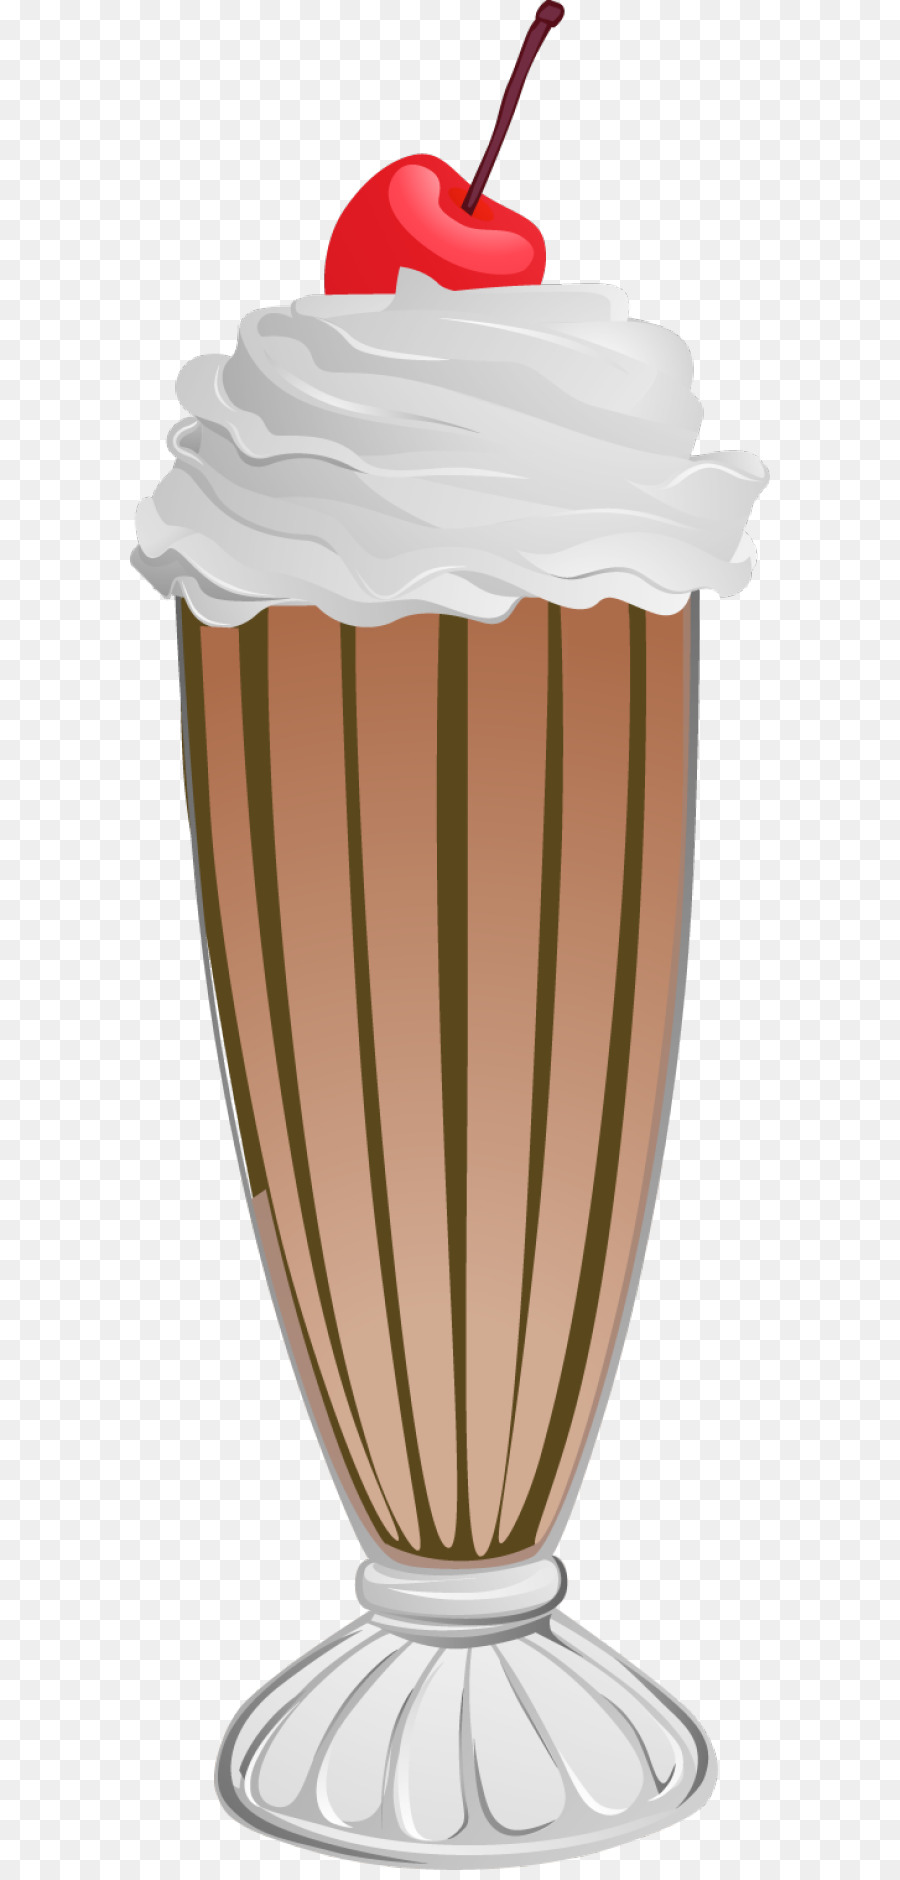 Milkshake clipart free svg freeuse download Milkshake clipart - 87 transparent clip arts, images and ... svg freeuse download